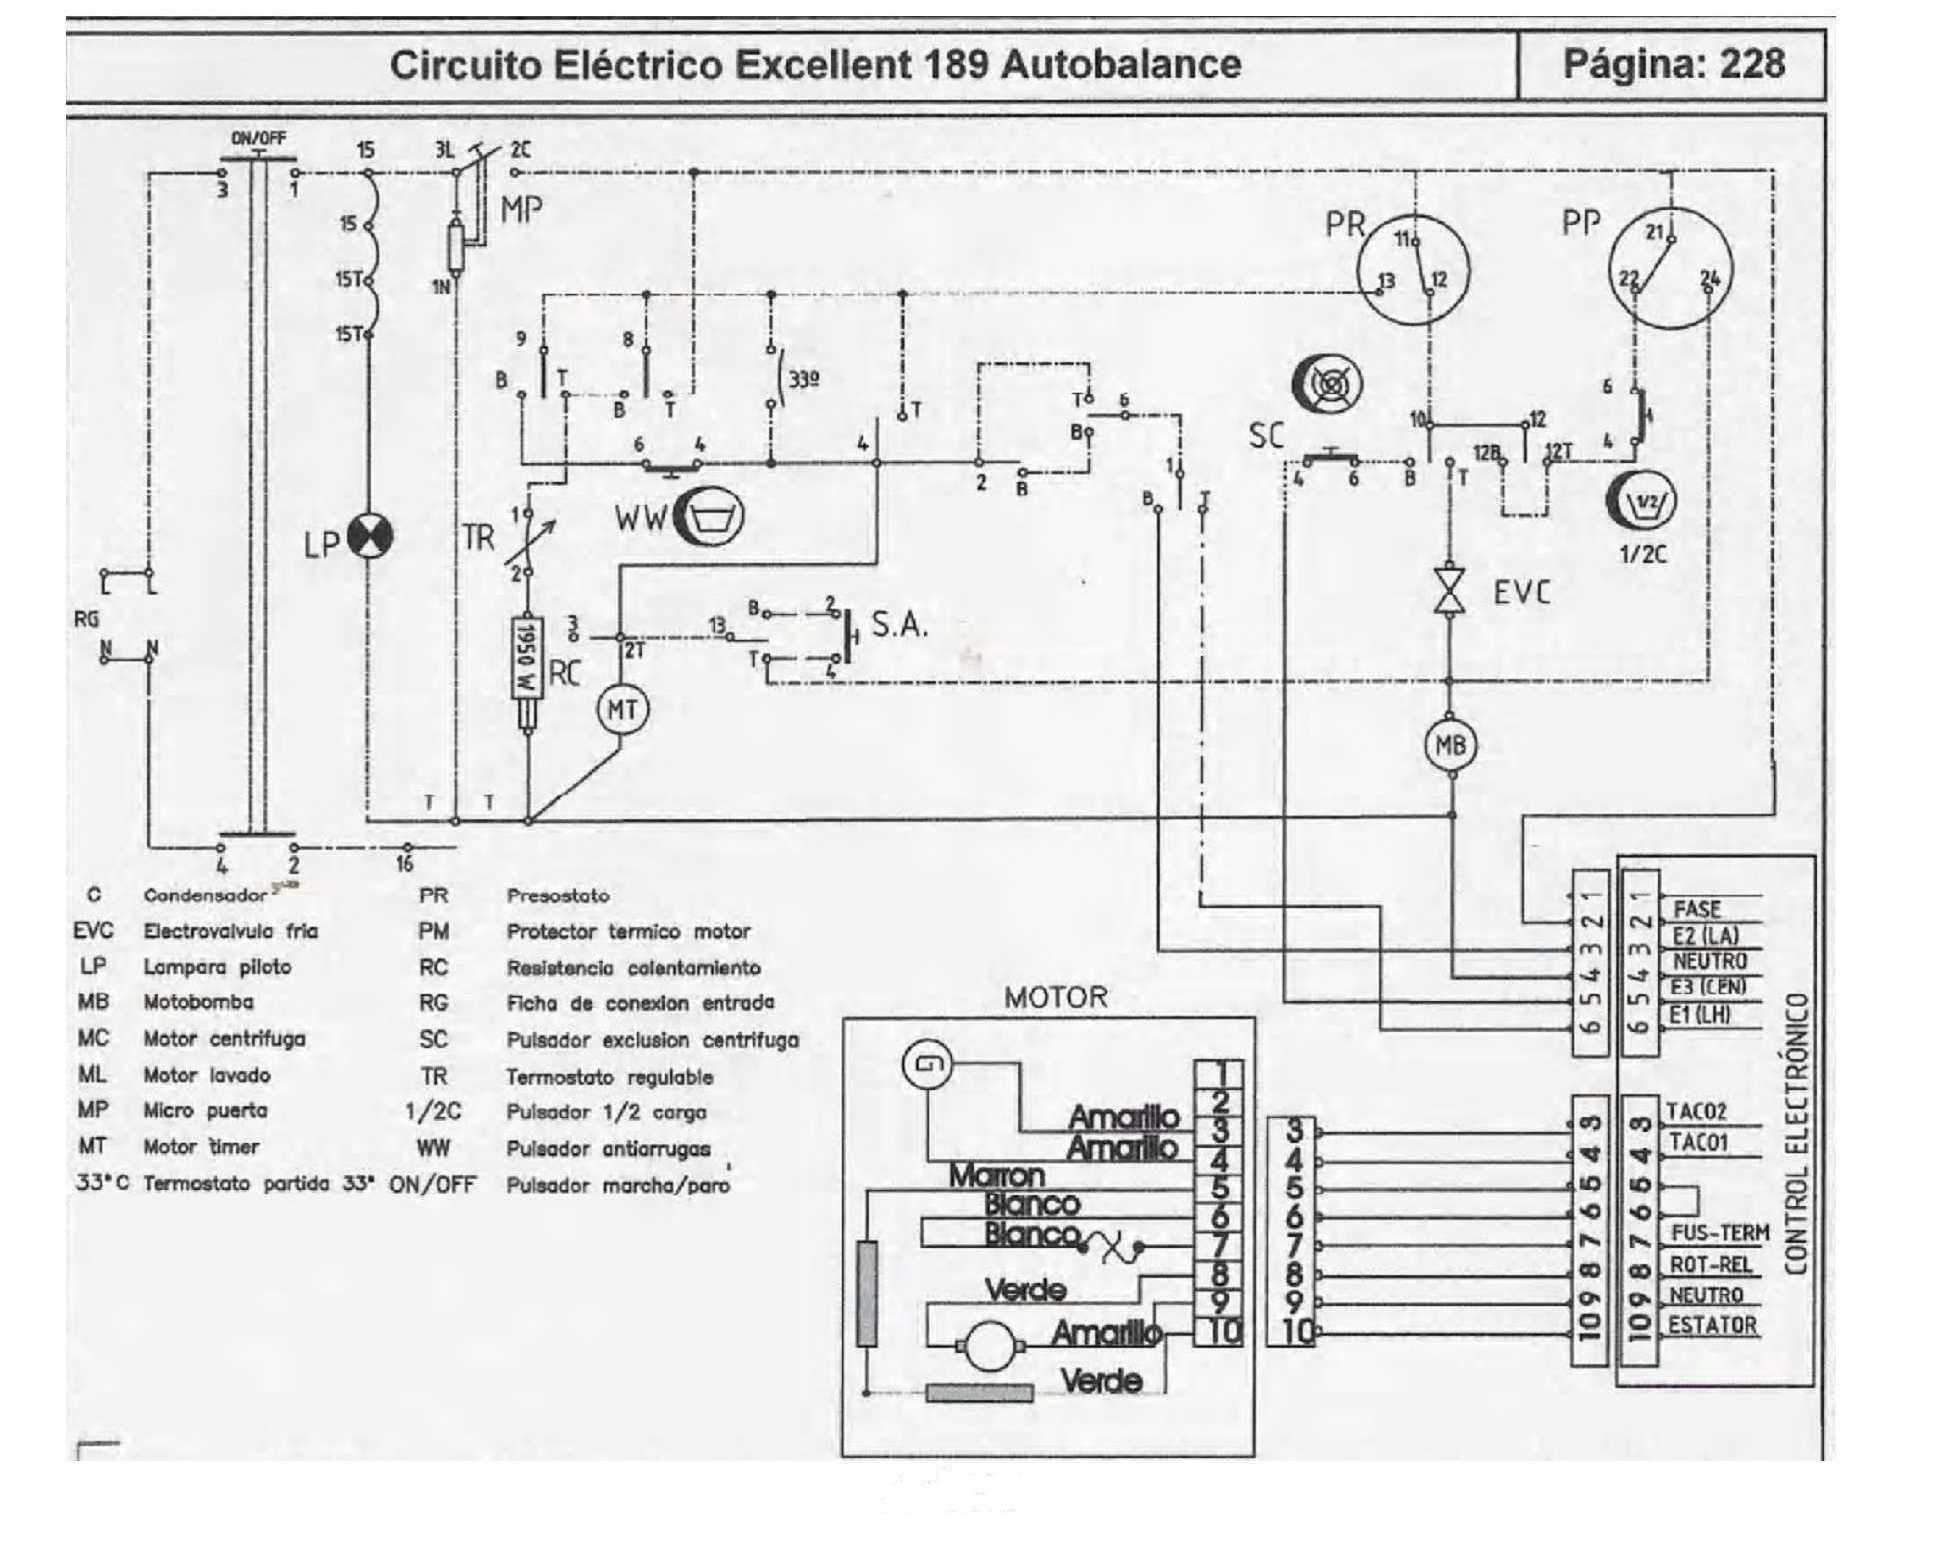 solucionado  programador drean excellent autobalance 189